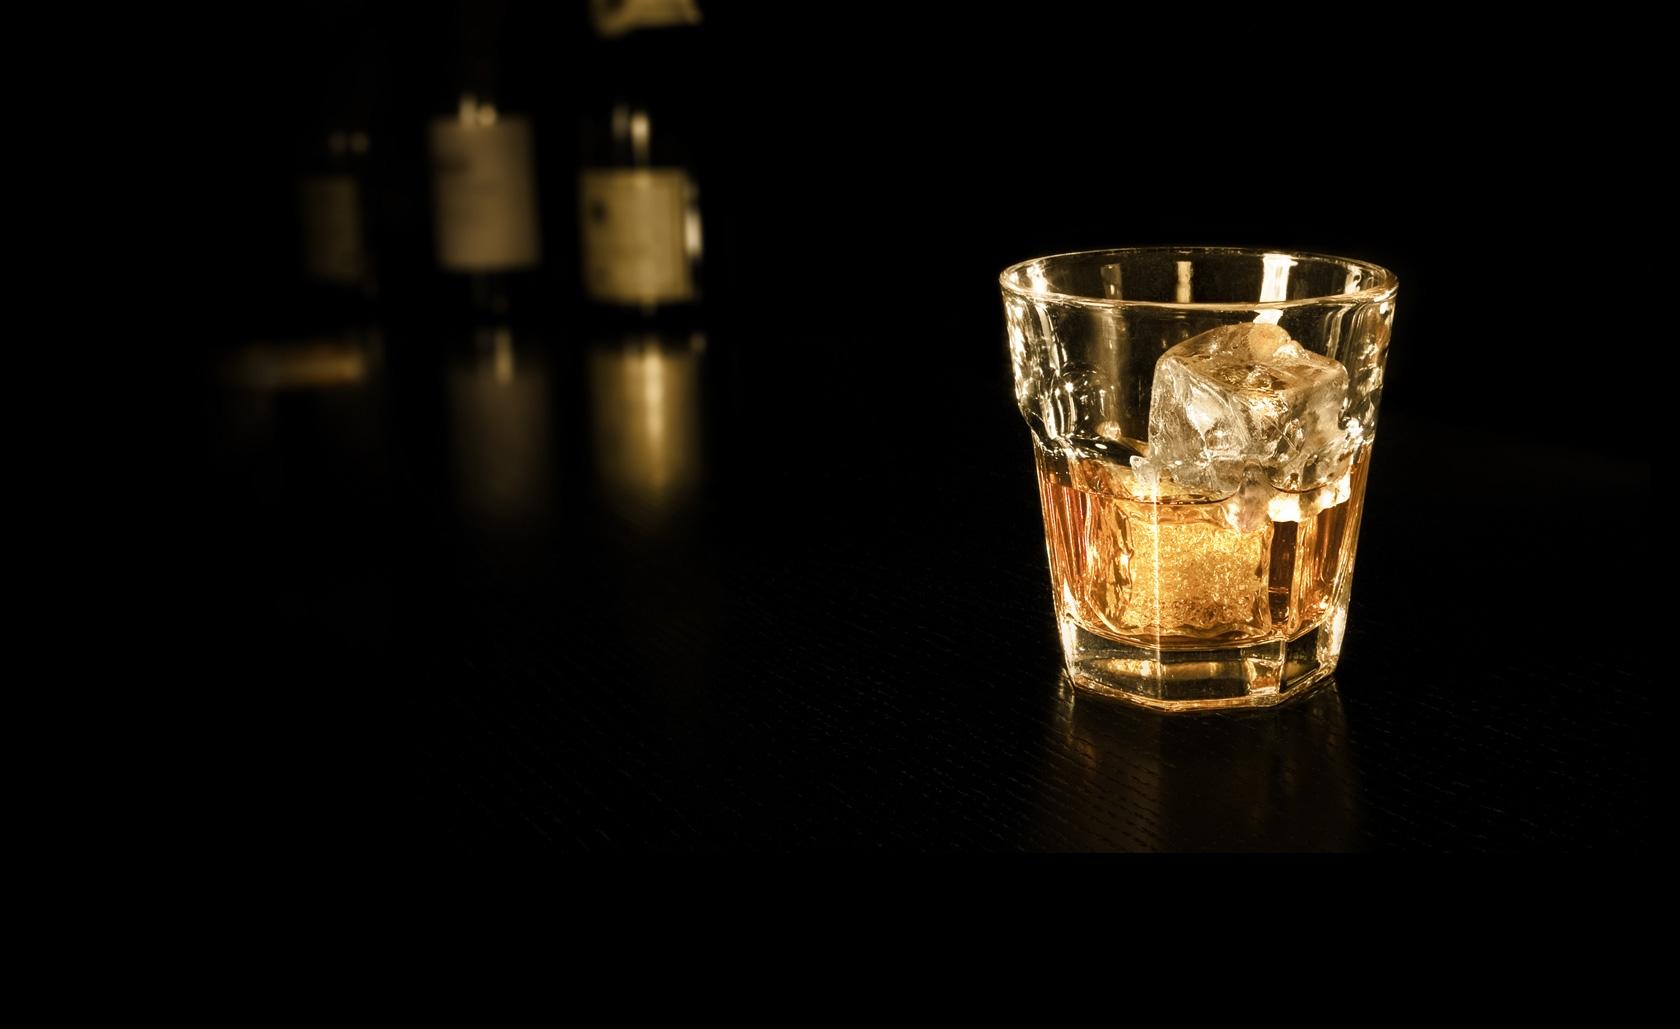 4-viski-hakkinda-bilmeniz-gerekenler